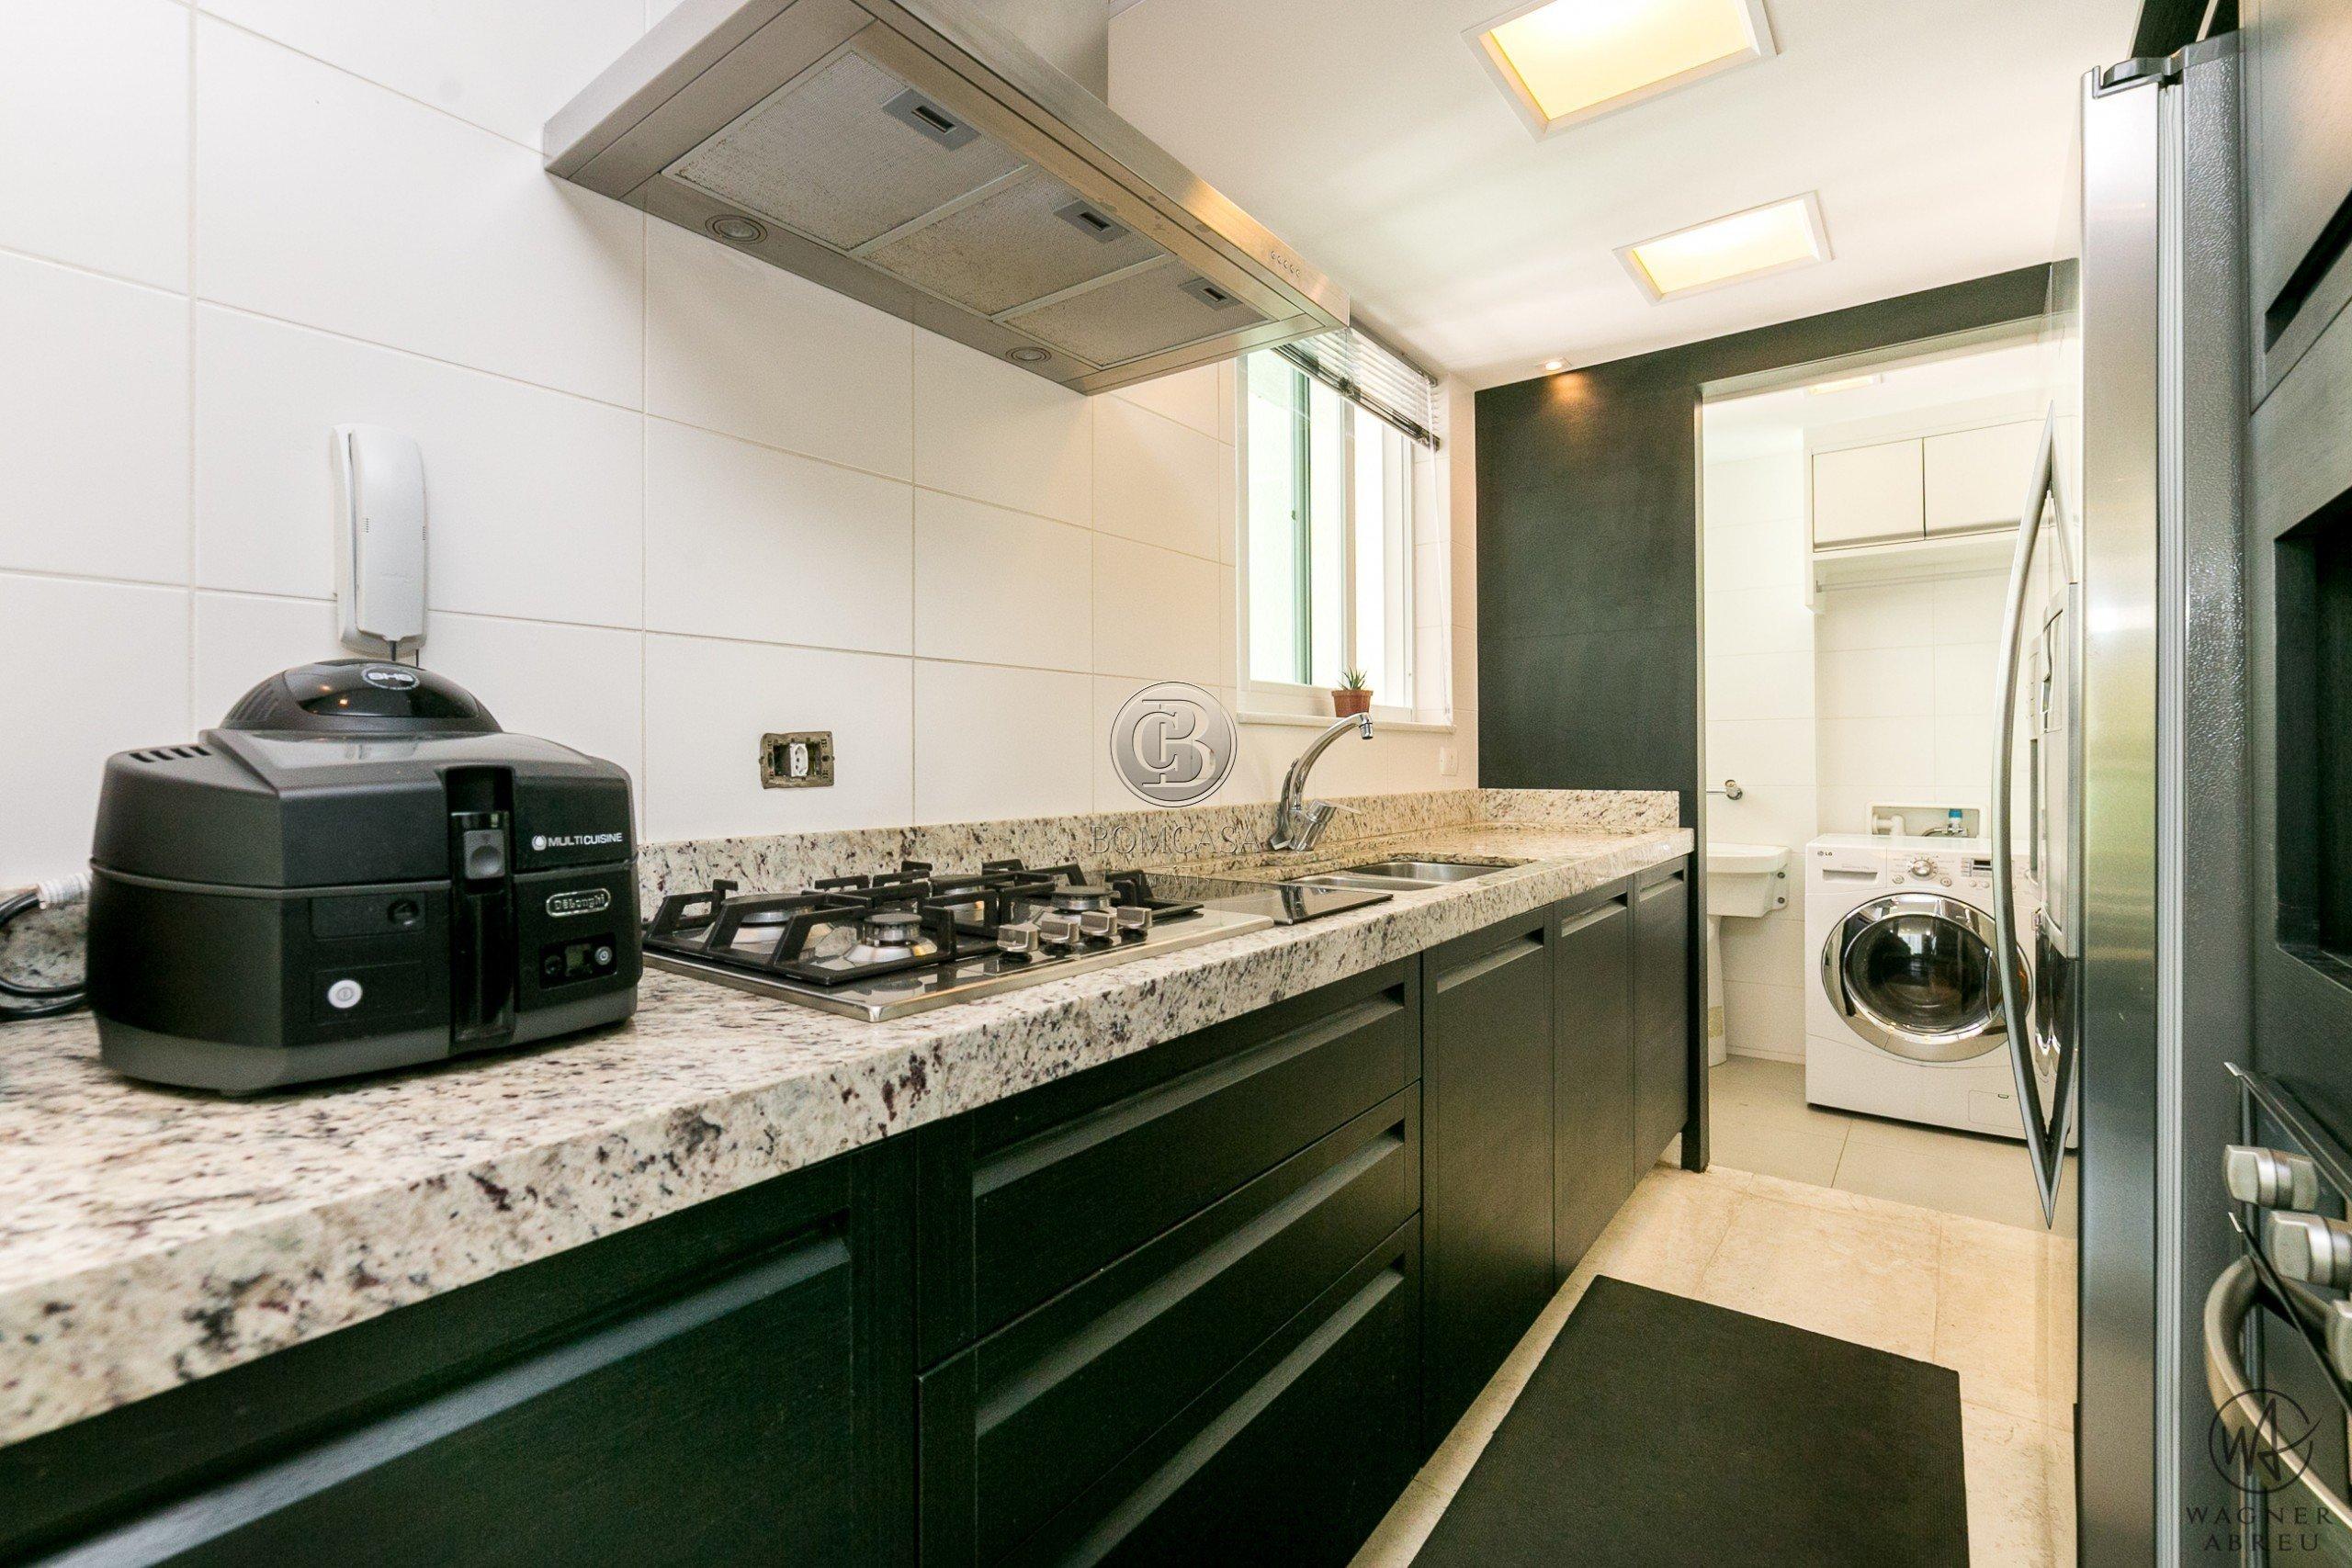 Apartamento No Champagnat Em Curitiba Pr Refer Ncia 2582bc